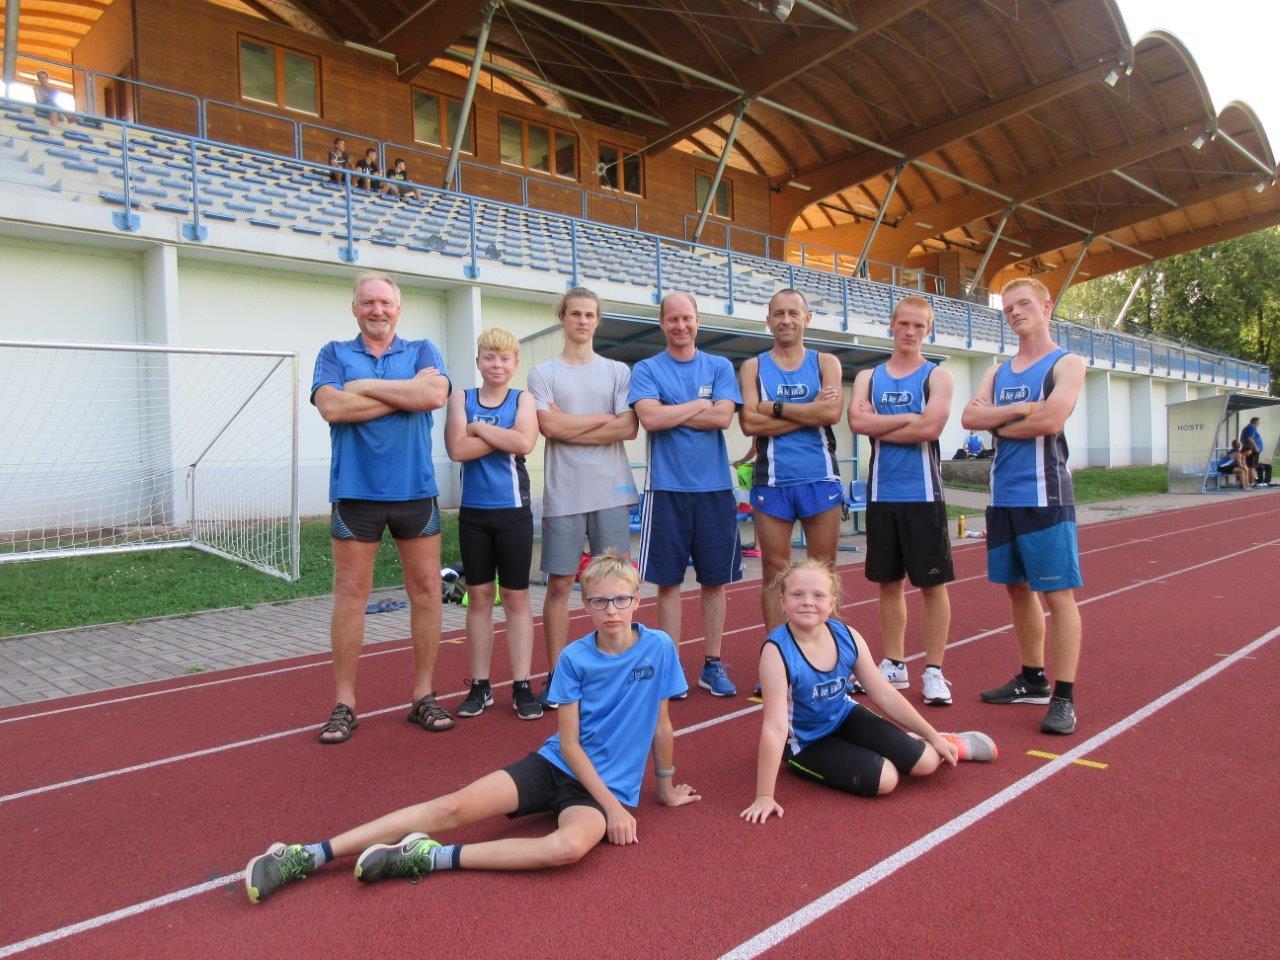 Atletický mítink-Trutnov